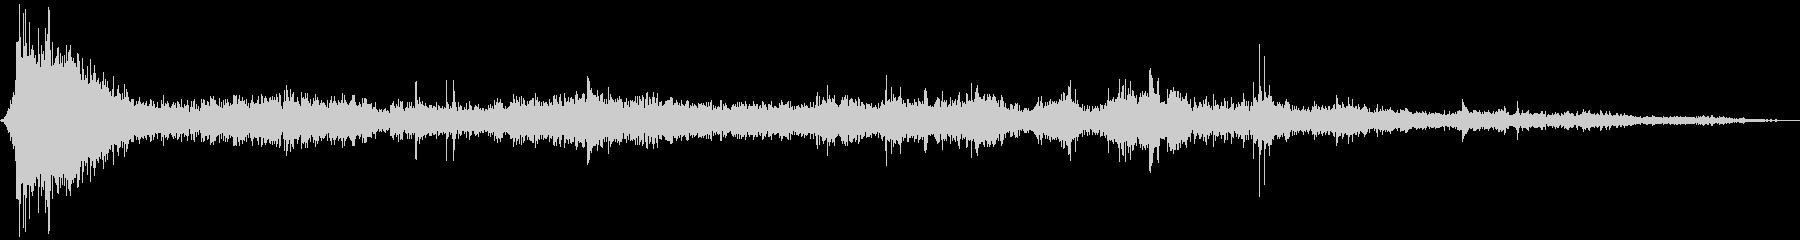 キラー・ホエール:ブローホール・ブ...の未再生の波形